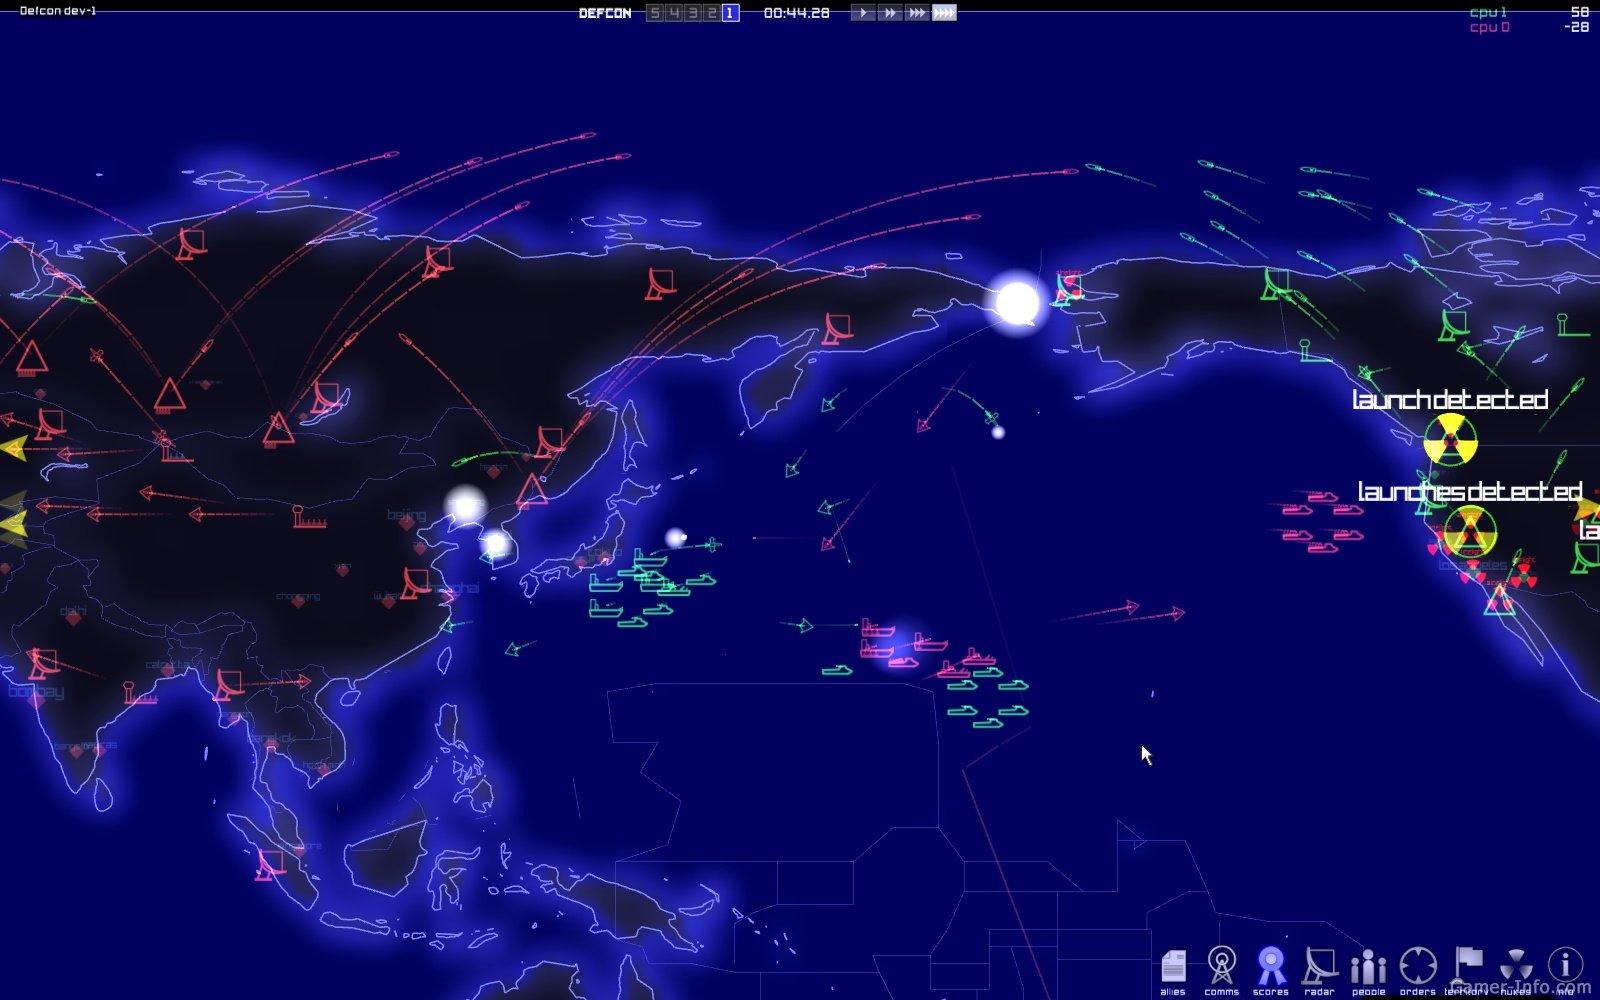 DEFCON (2006 video game)